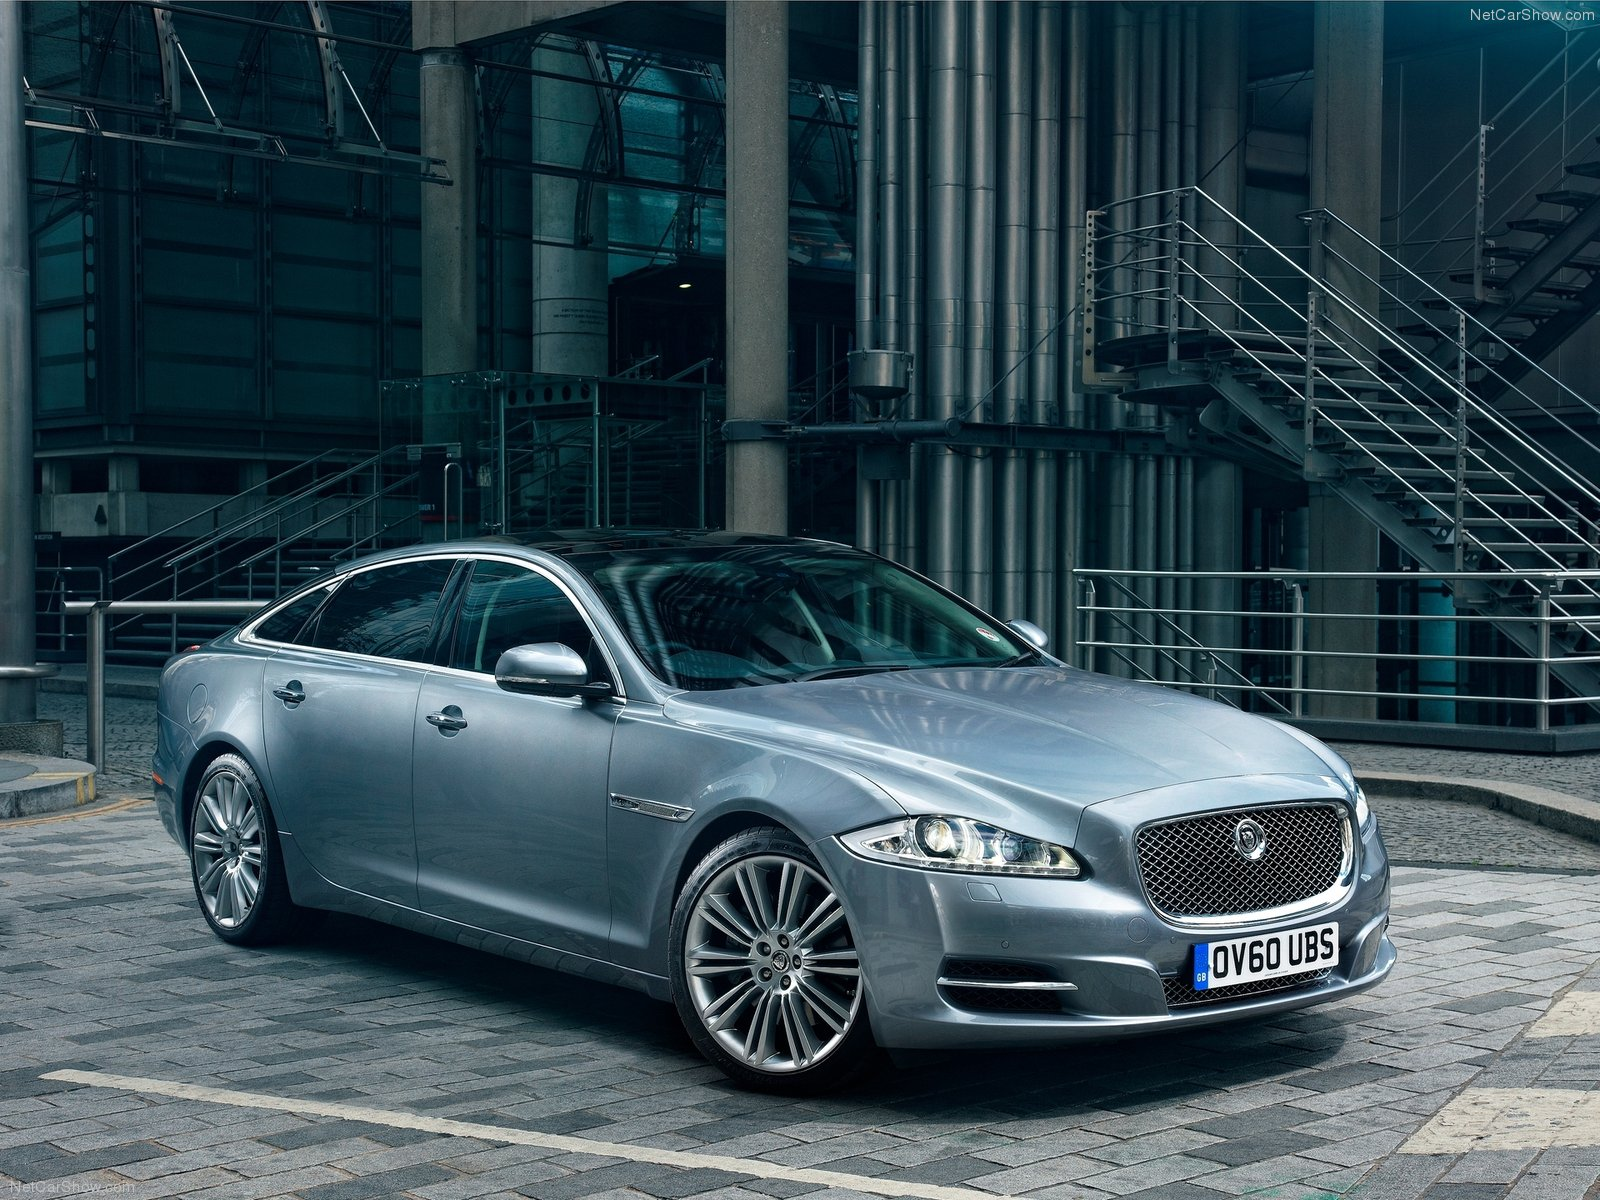 Jaguar-XJ_2012_1600x1200_wallpaper_02.jpg